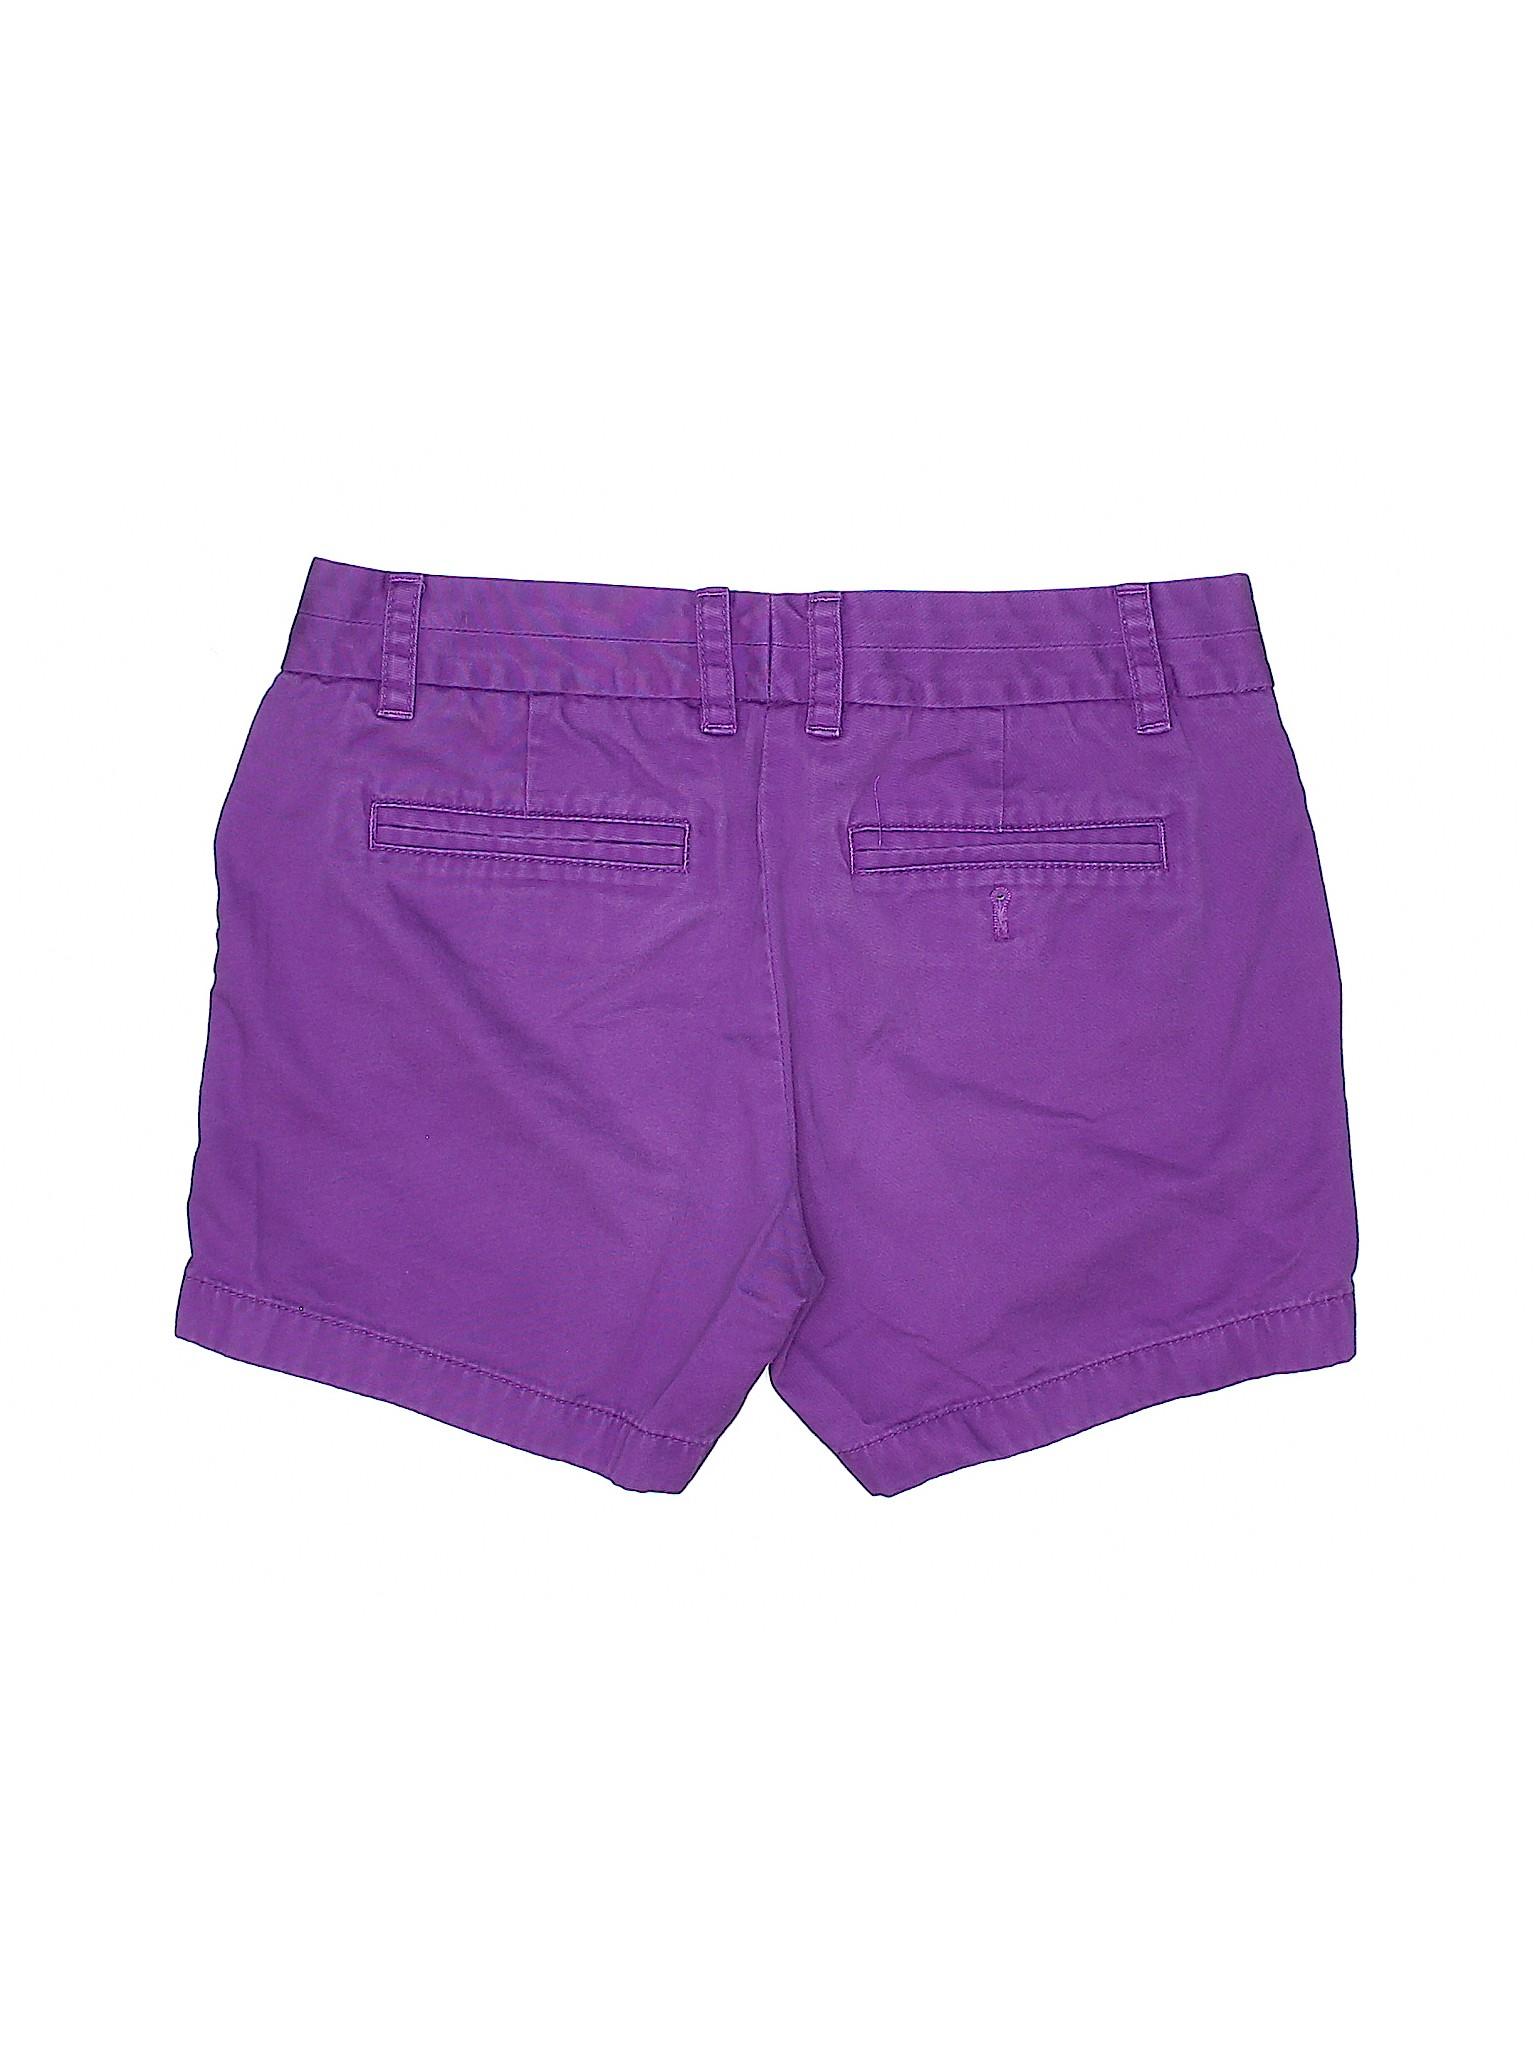 J Crew Boutique Denim Boutique J Crew Shorts qUPaOEt